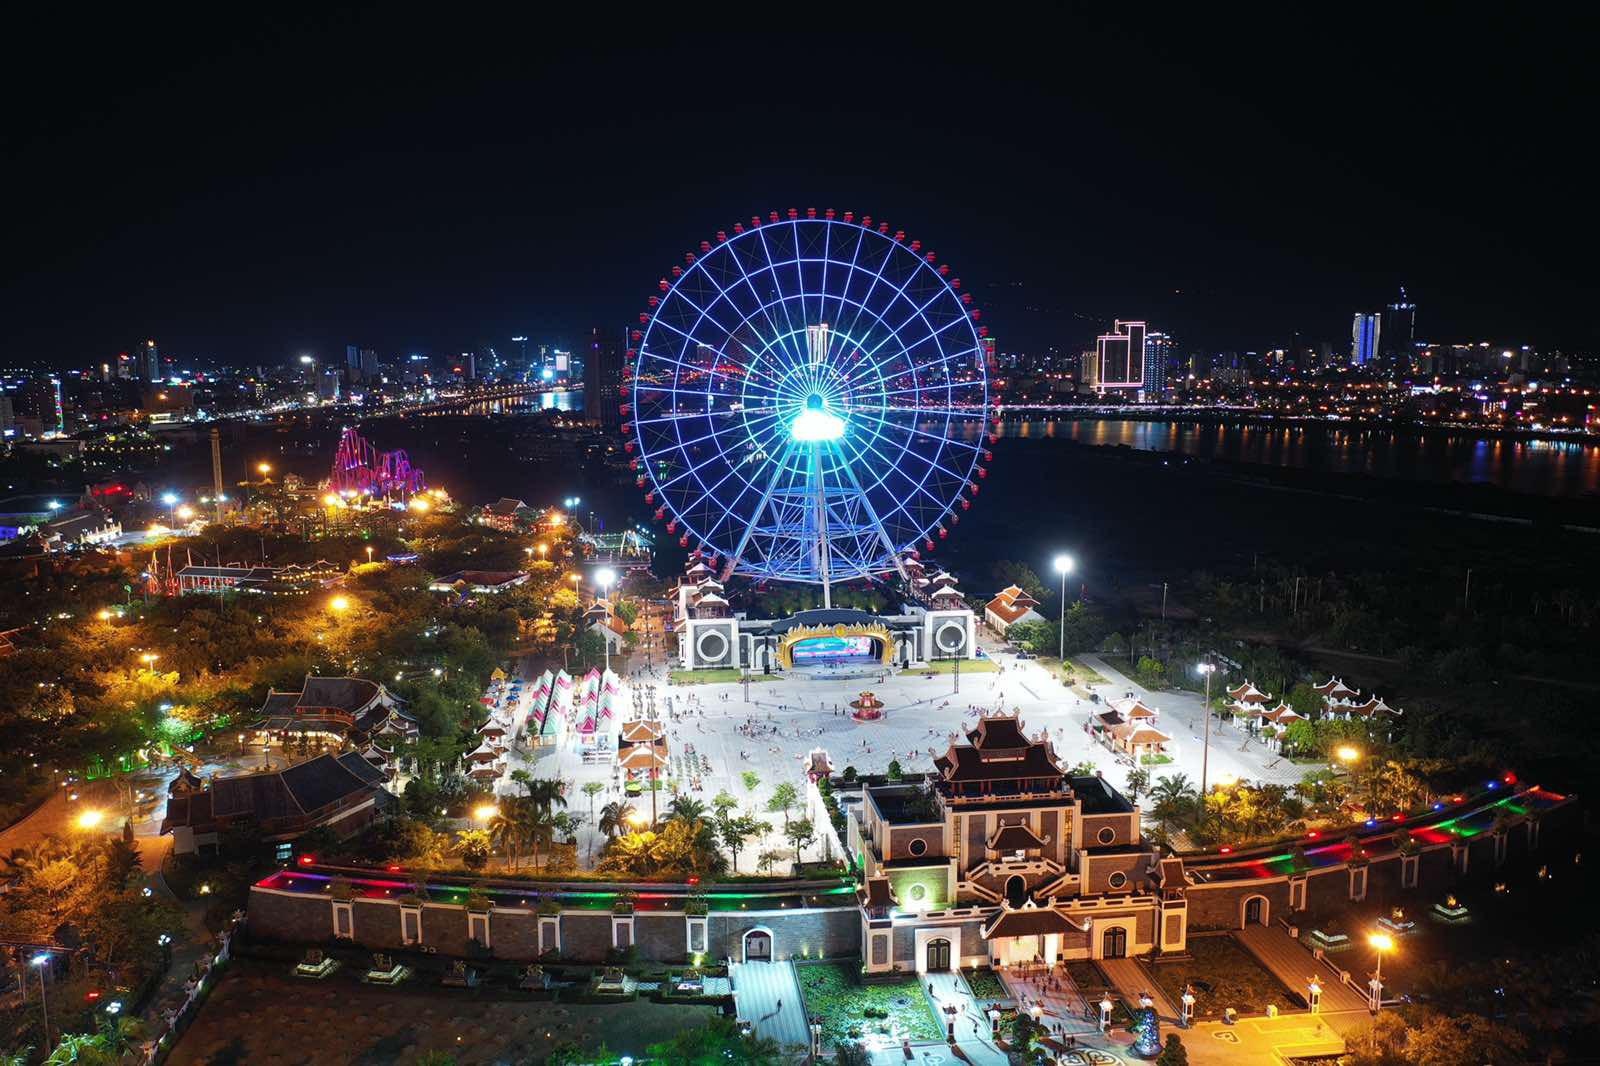 Tết Tân Sửu, Công viên Châu Á - Asia Park sẽ bùng nổ với chuỗi đêm nhạc và lễ hội hoành tráng - Ảnh 2.